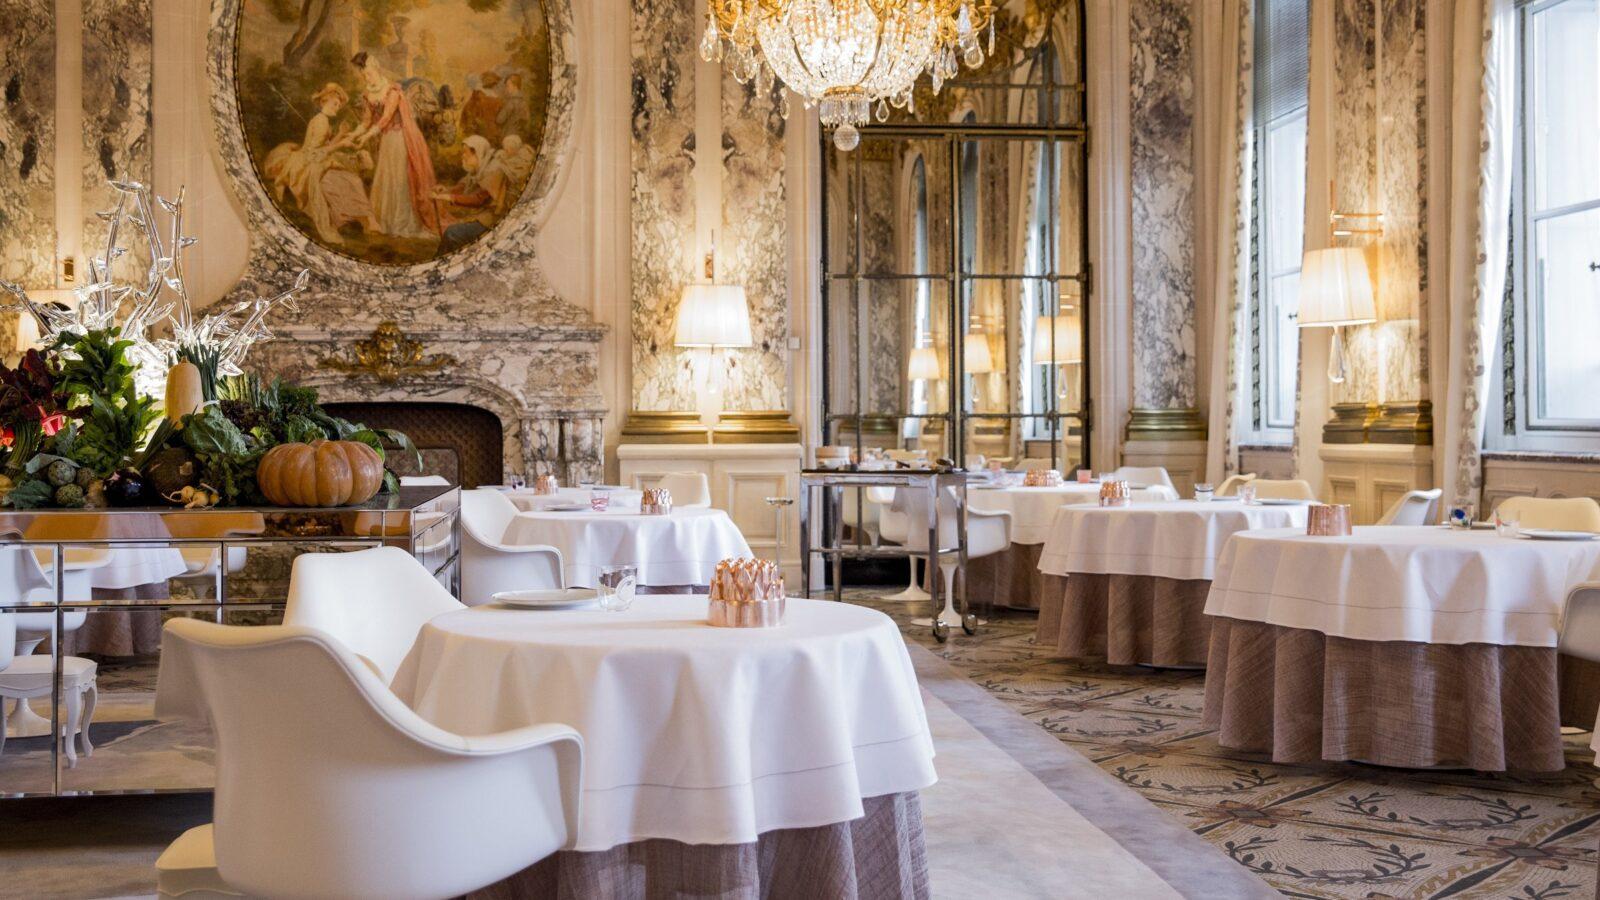 Restaurant Le Meurice Alain Ducasse